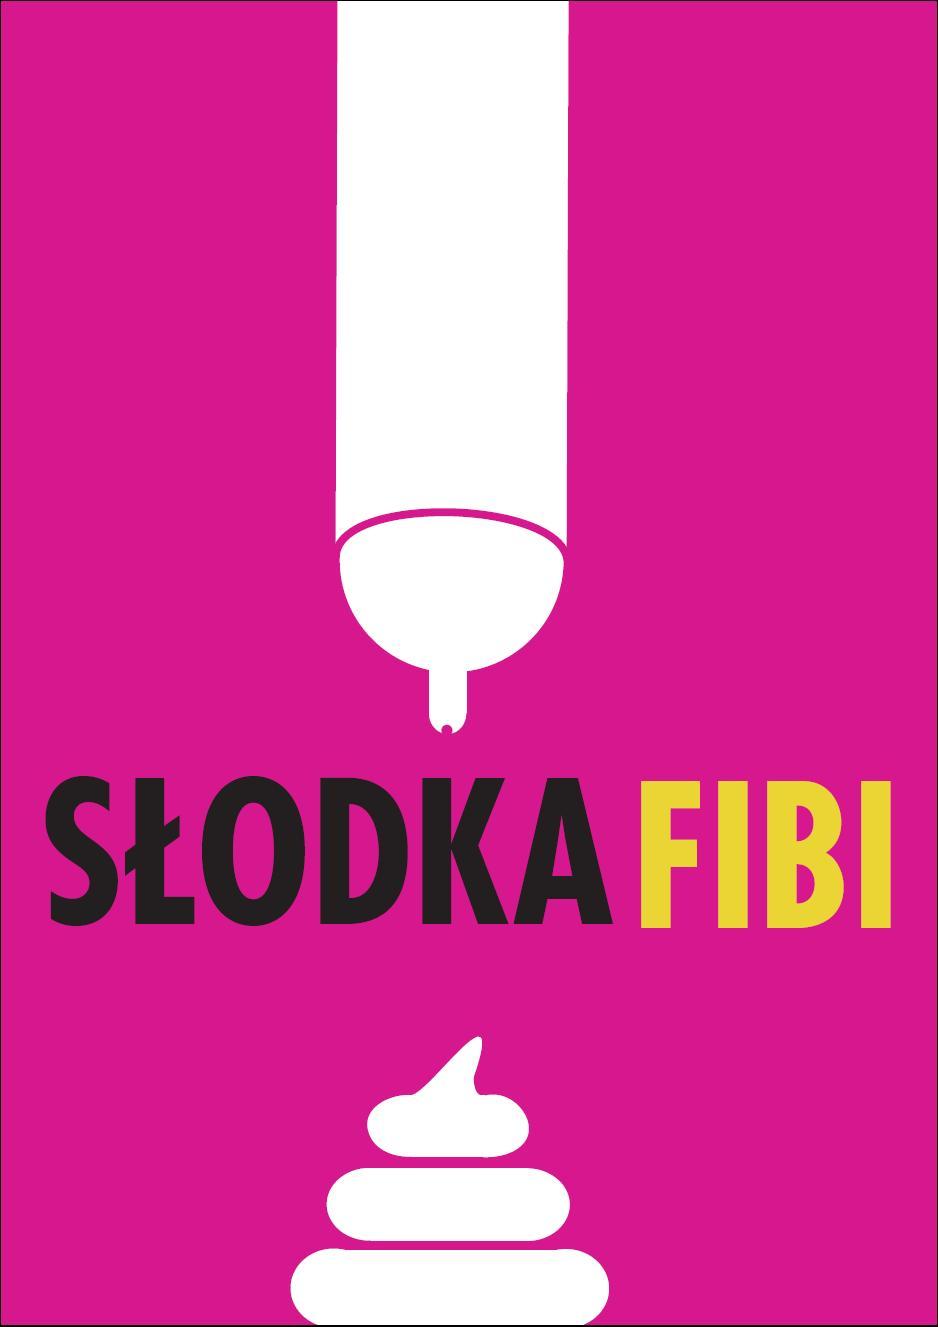 Projekt plakatu promującego Słodką Fibi (plakat pochodzi z materiałów udostępnionych przez organizatora)